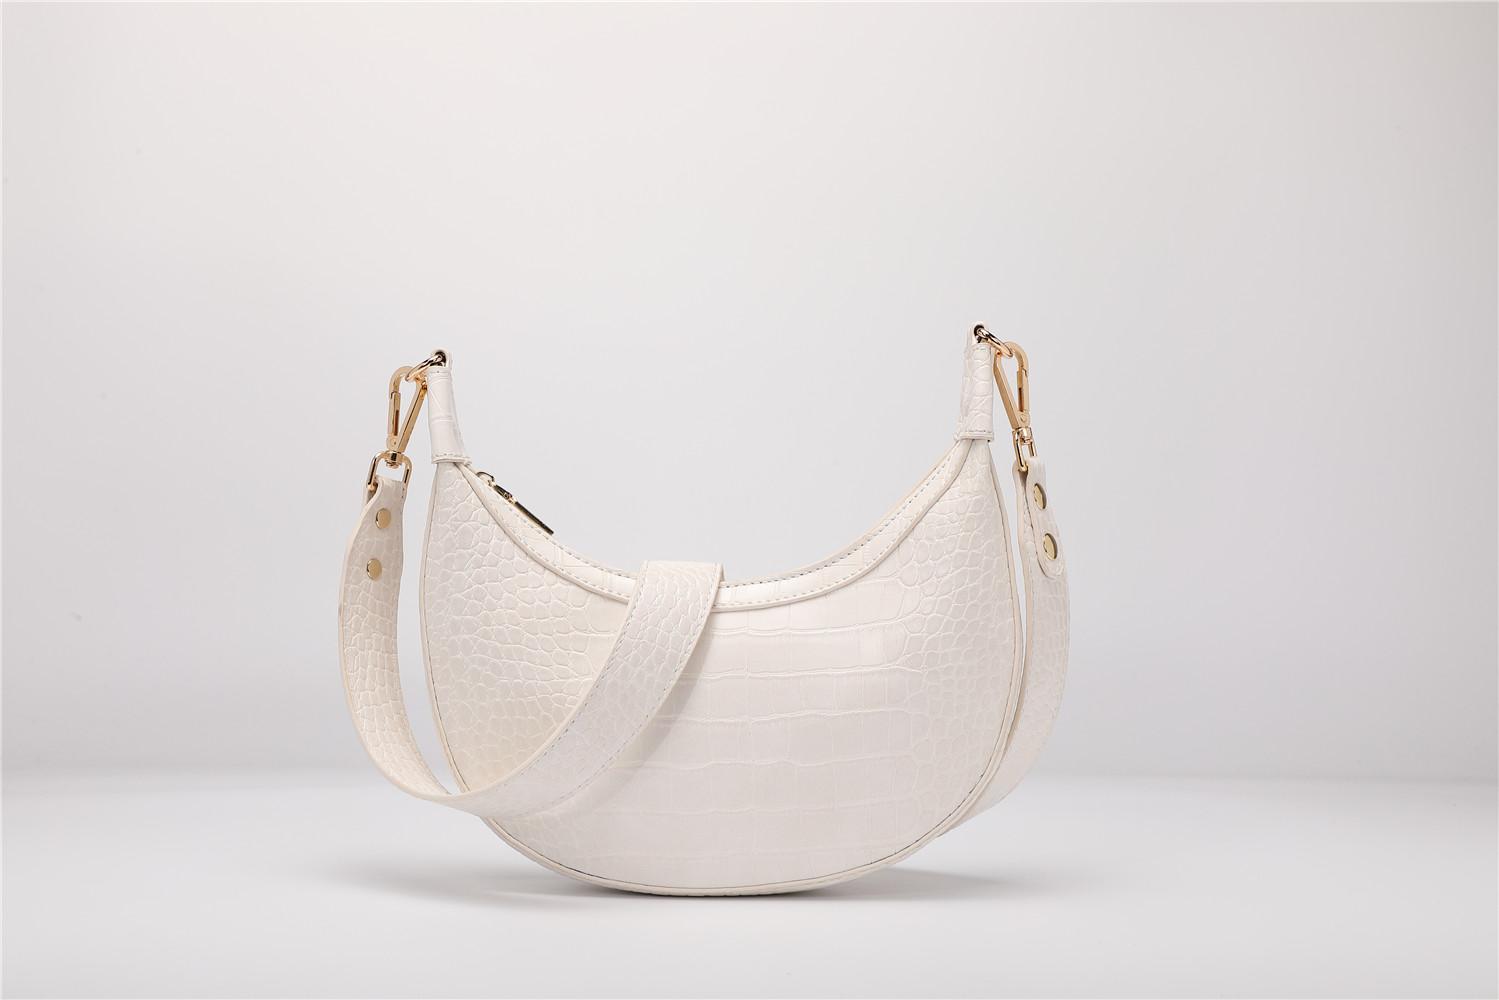 UR时尚包袋丨女人如何挑选适合自己的包包